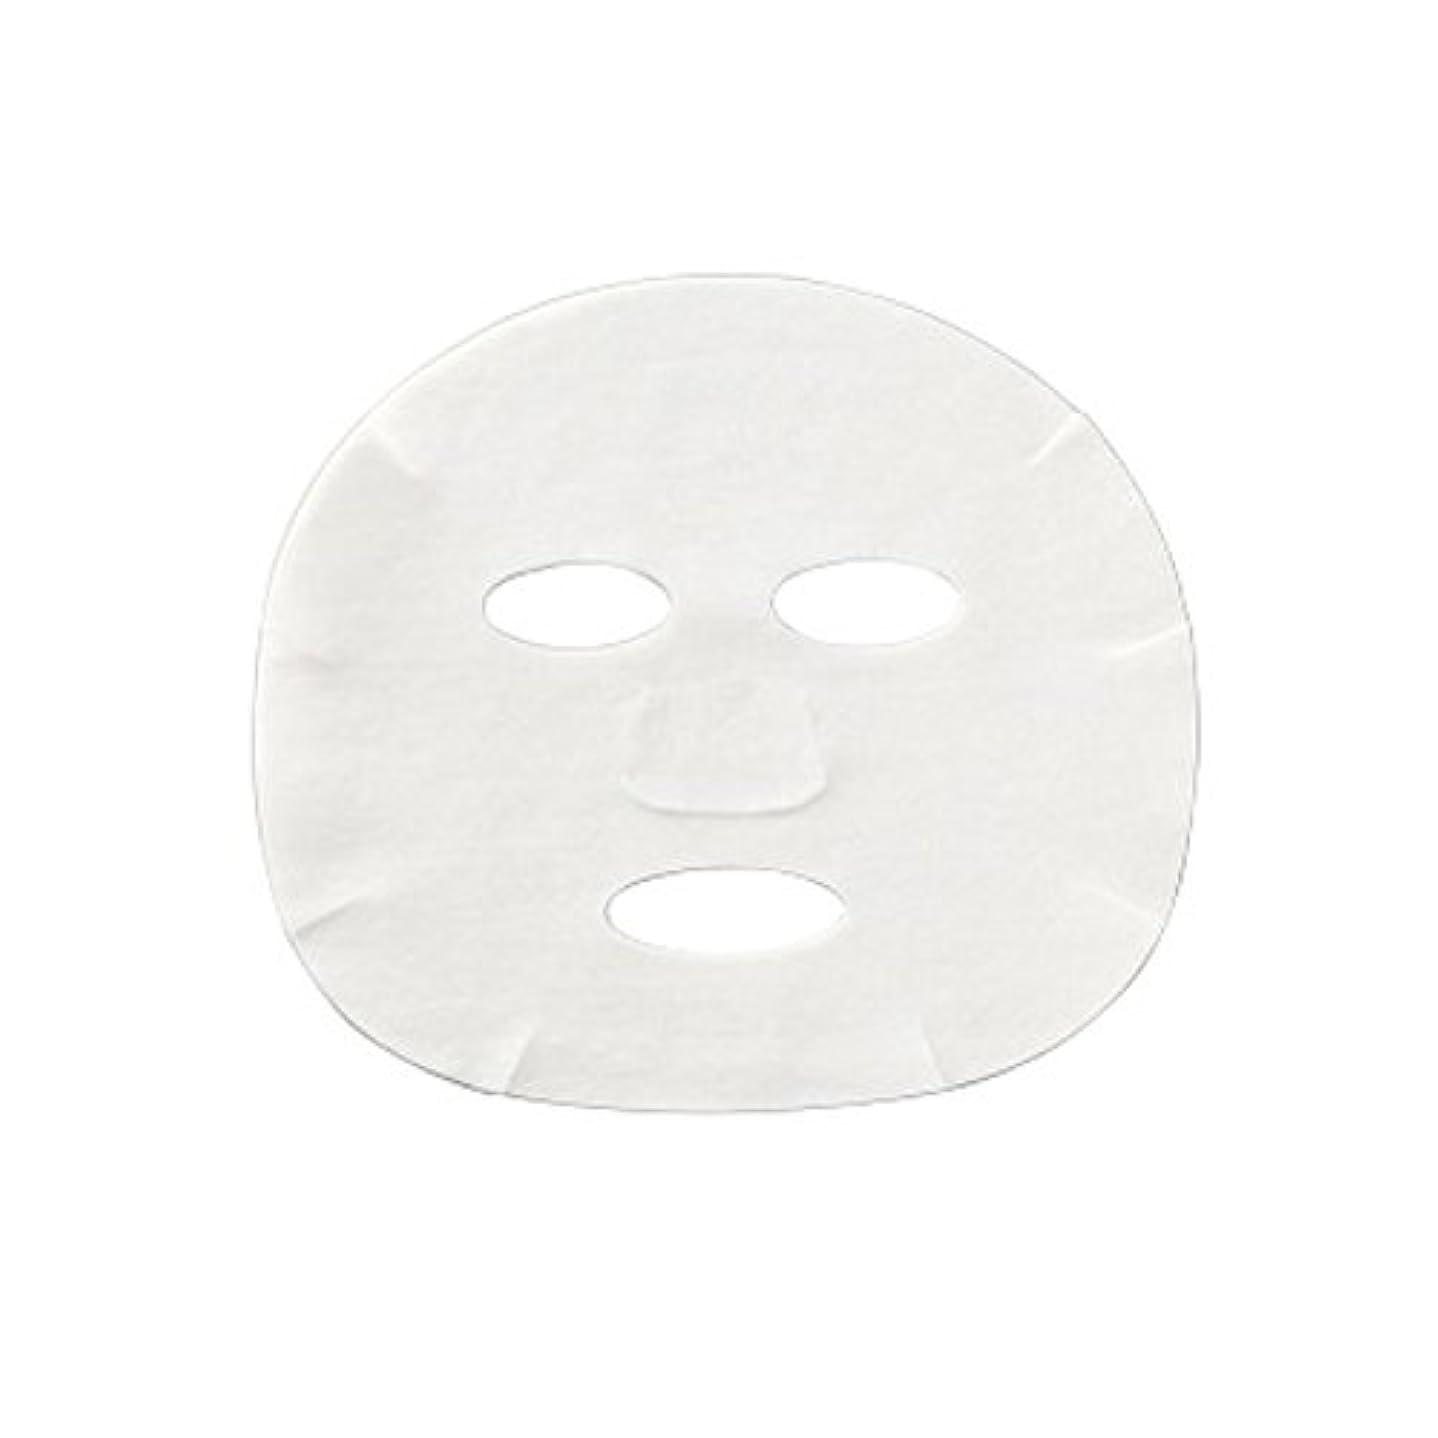 感謝祭識別する鼻mediplus メディプラス フェイスシート ドライタイプ(20枚入り)